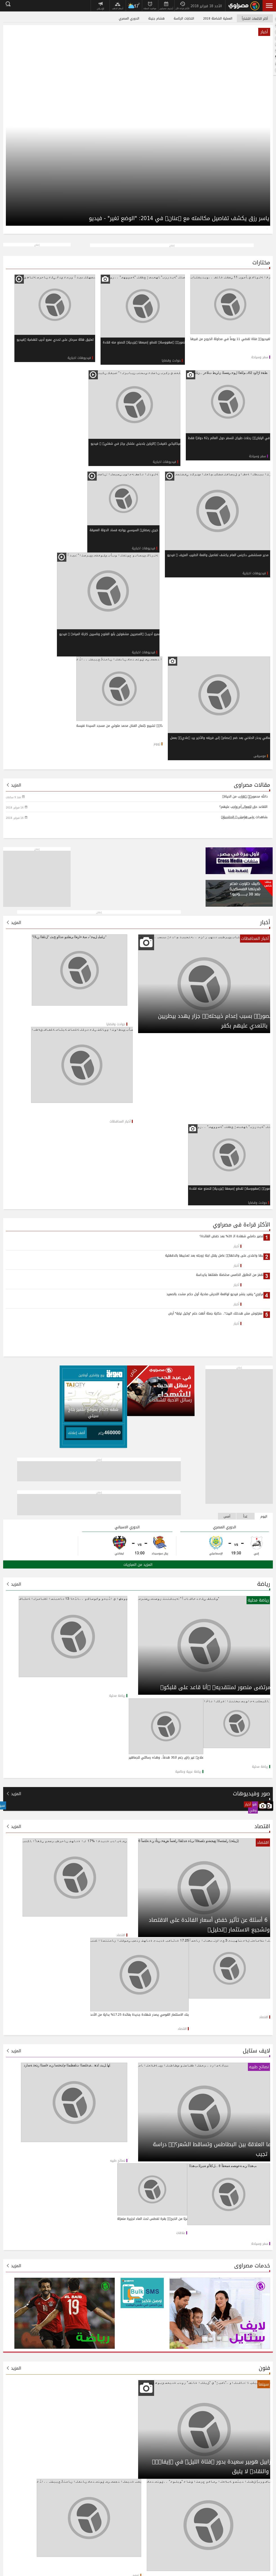 Masrawy at Sunday Feb. 18, 2018, 2:06 a.m. UTC